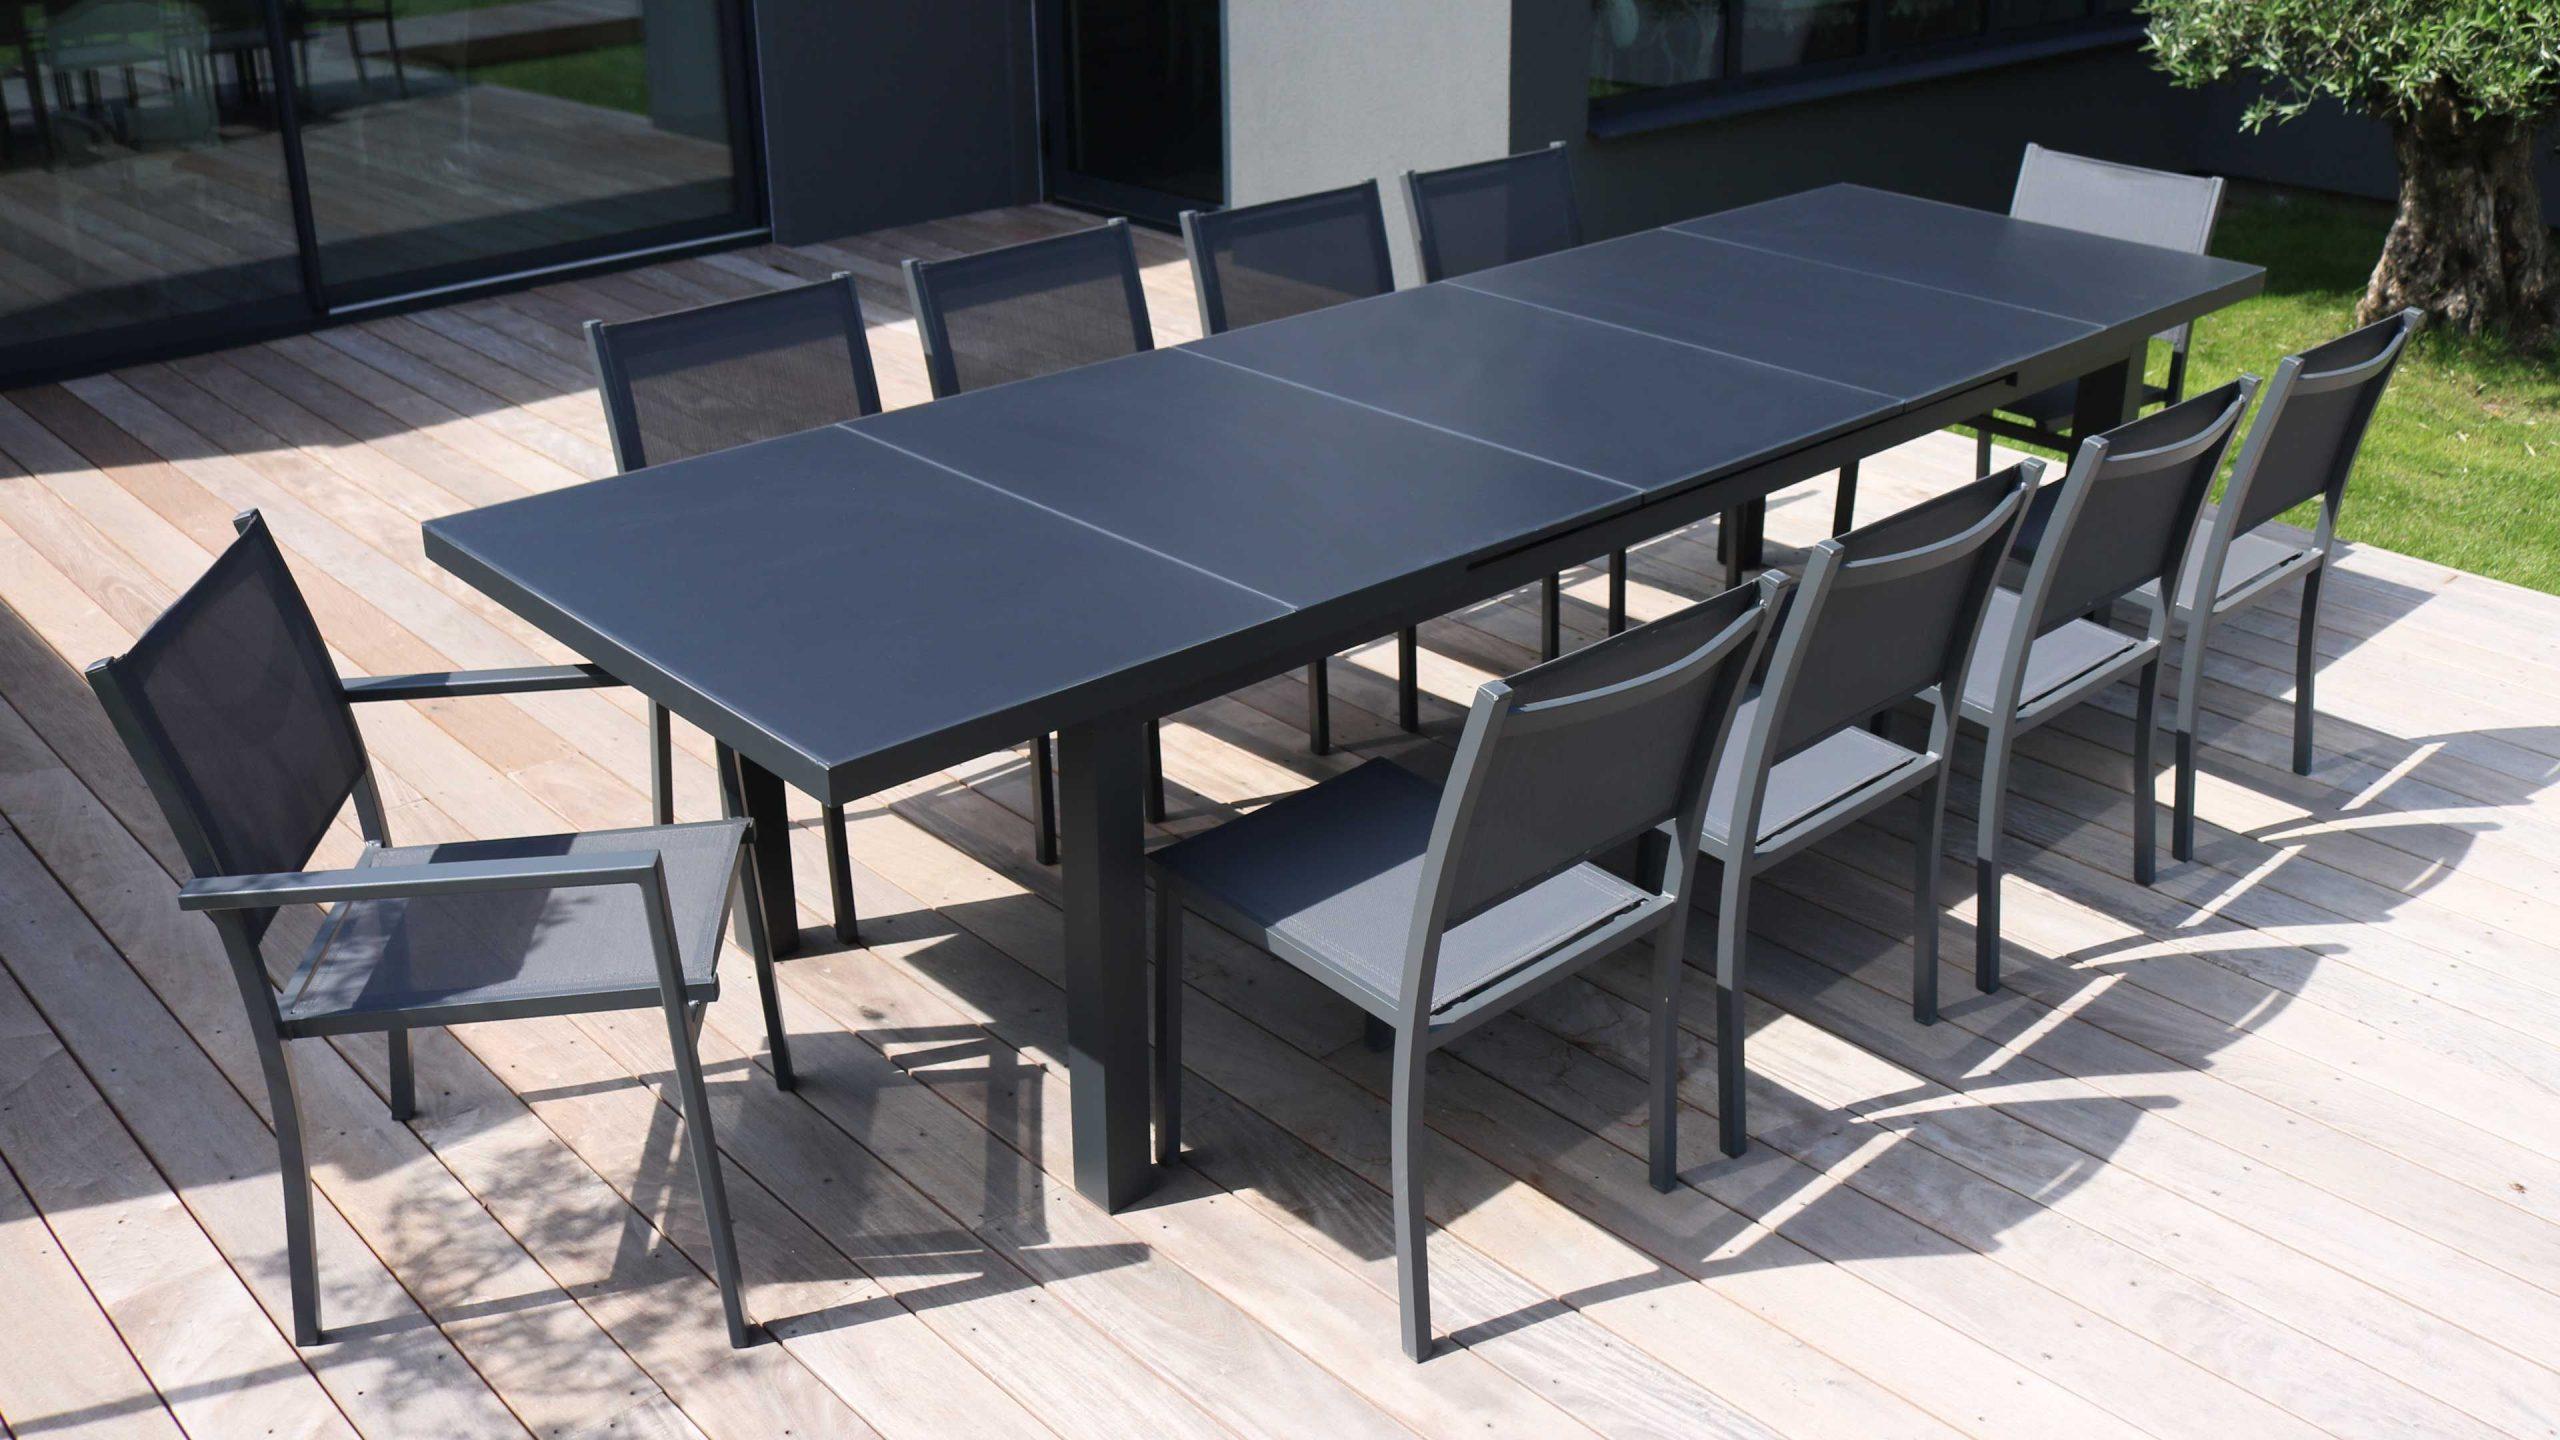 Table Jardin Extensible Rallonge Aluminium 256/320Cm 12 Places avec Table De Jardin En Aluminium Avec Rallonge